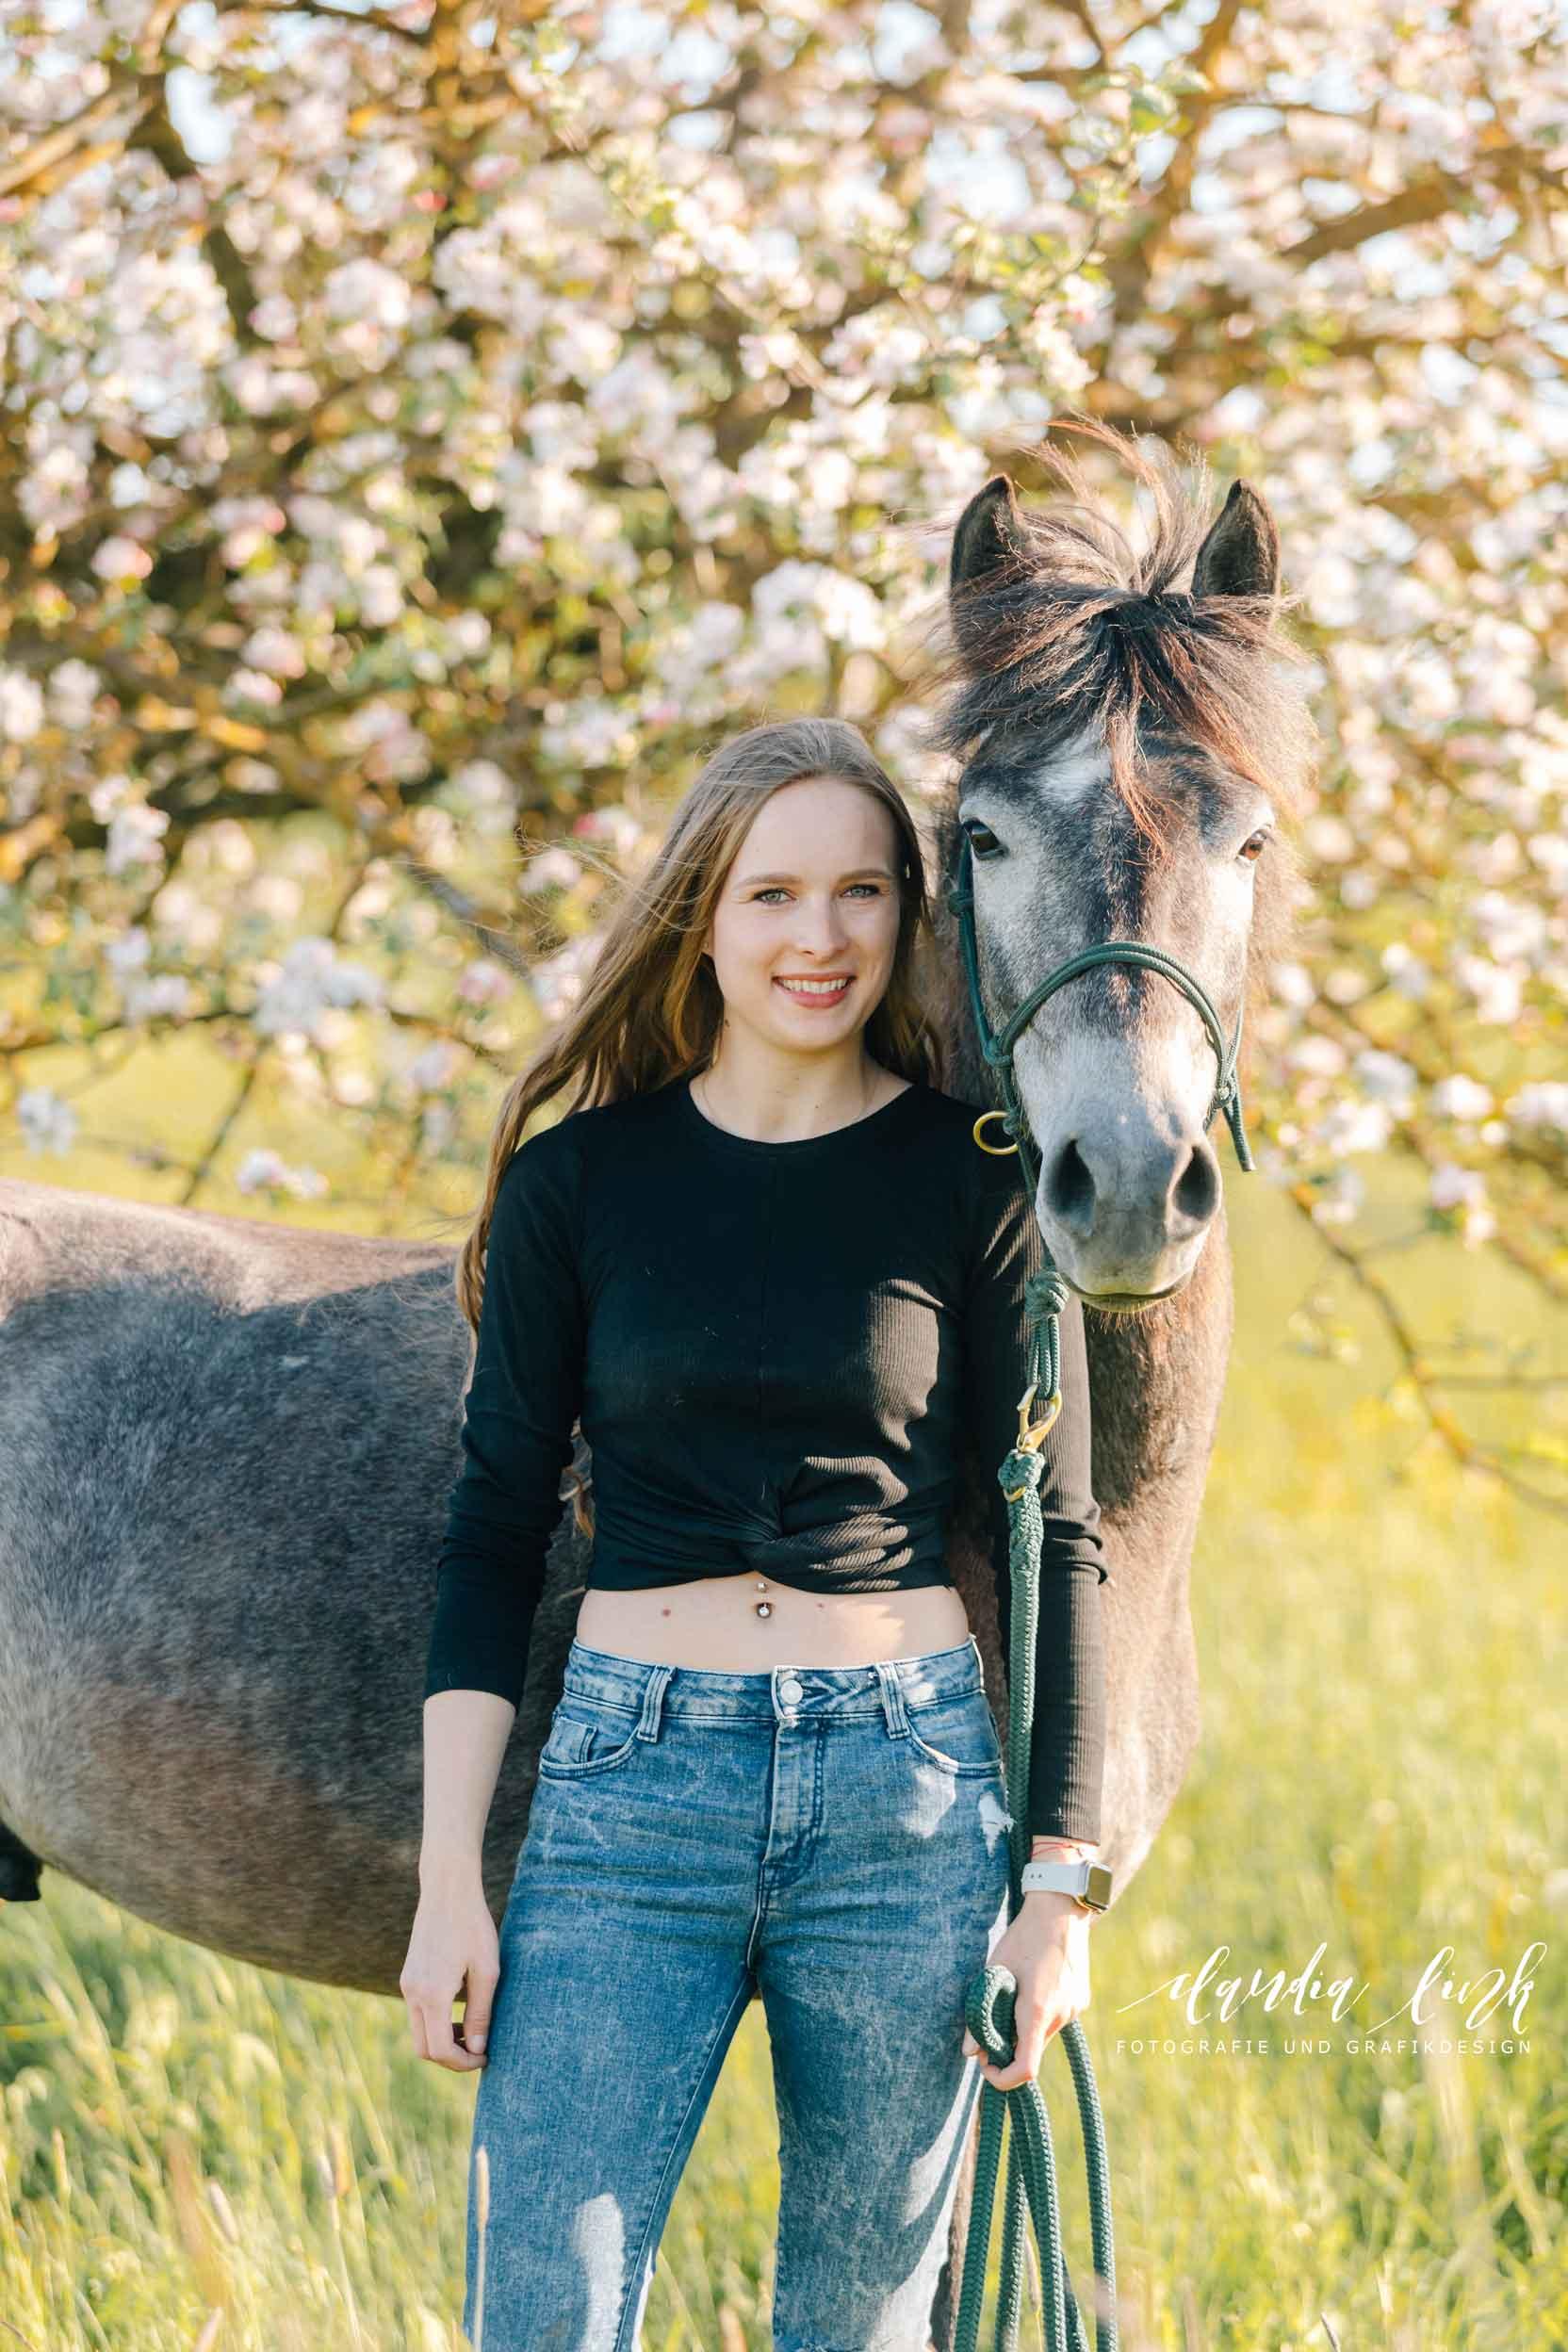 Sommerliches Pferdeshooting bei Sonnenuntergang IMG 8357w